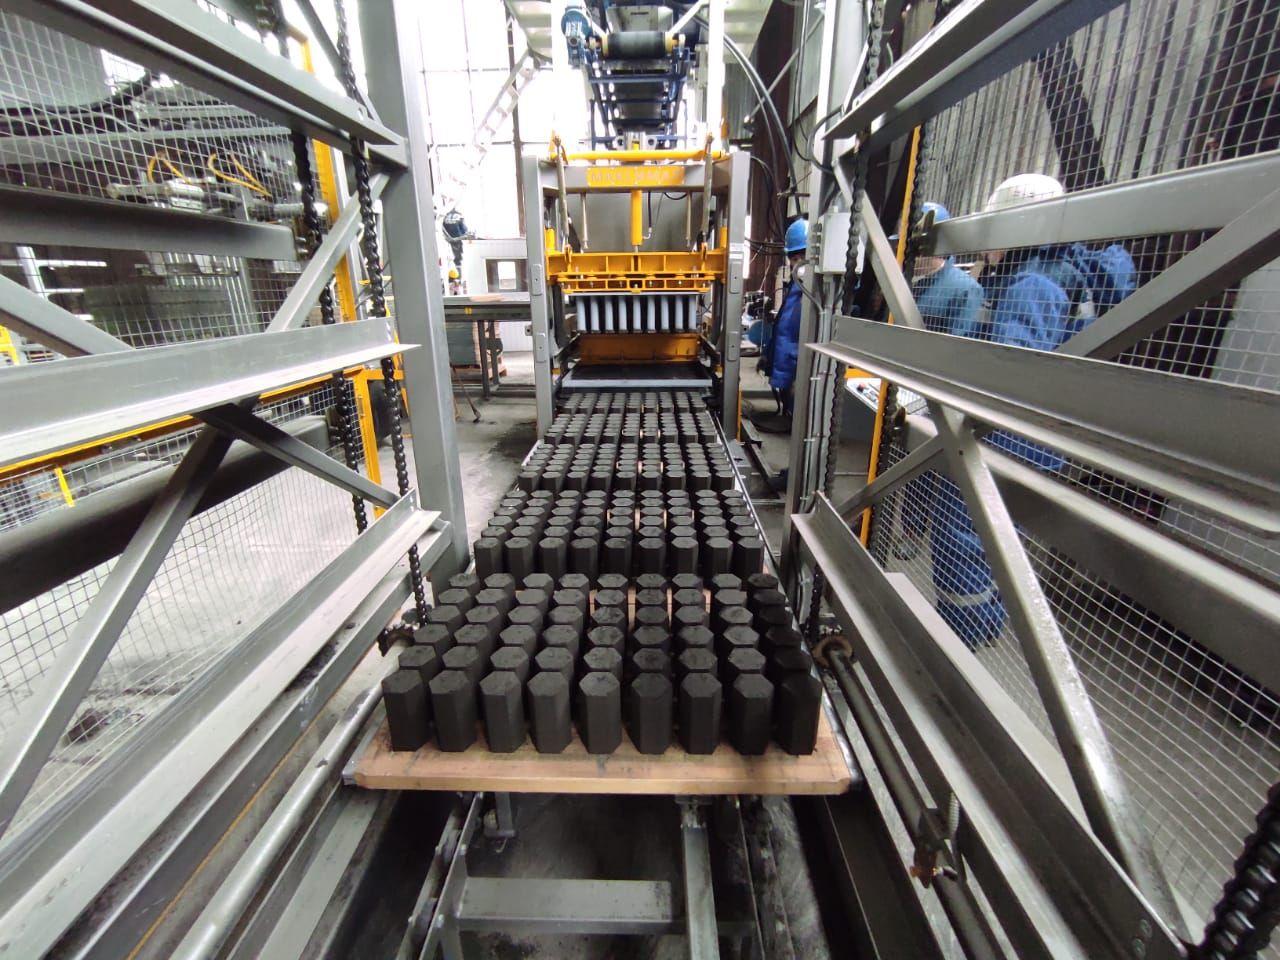 Переработка промышленных отходов: тренды и новые возможности 514558 - Kapital.kz